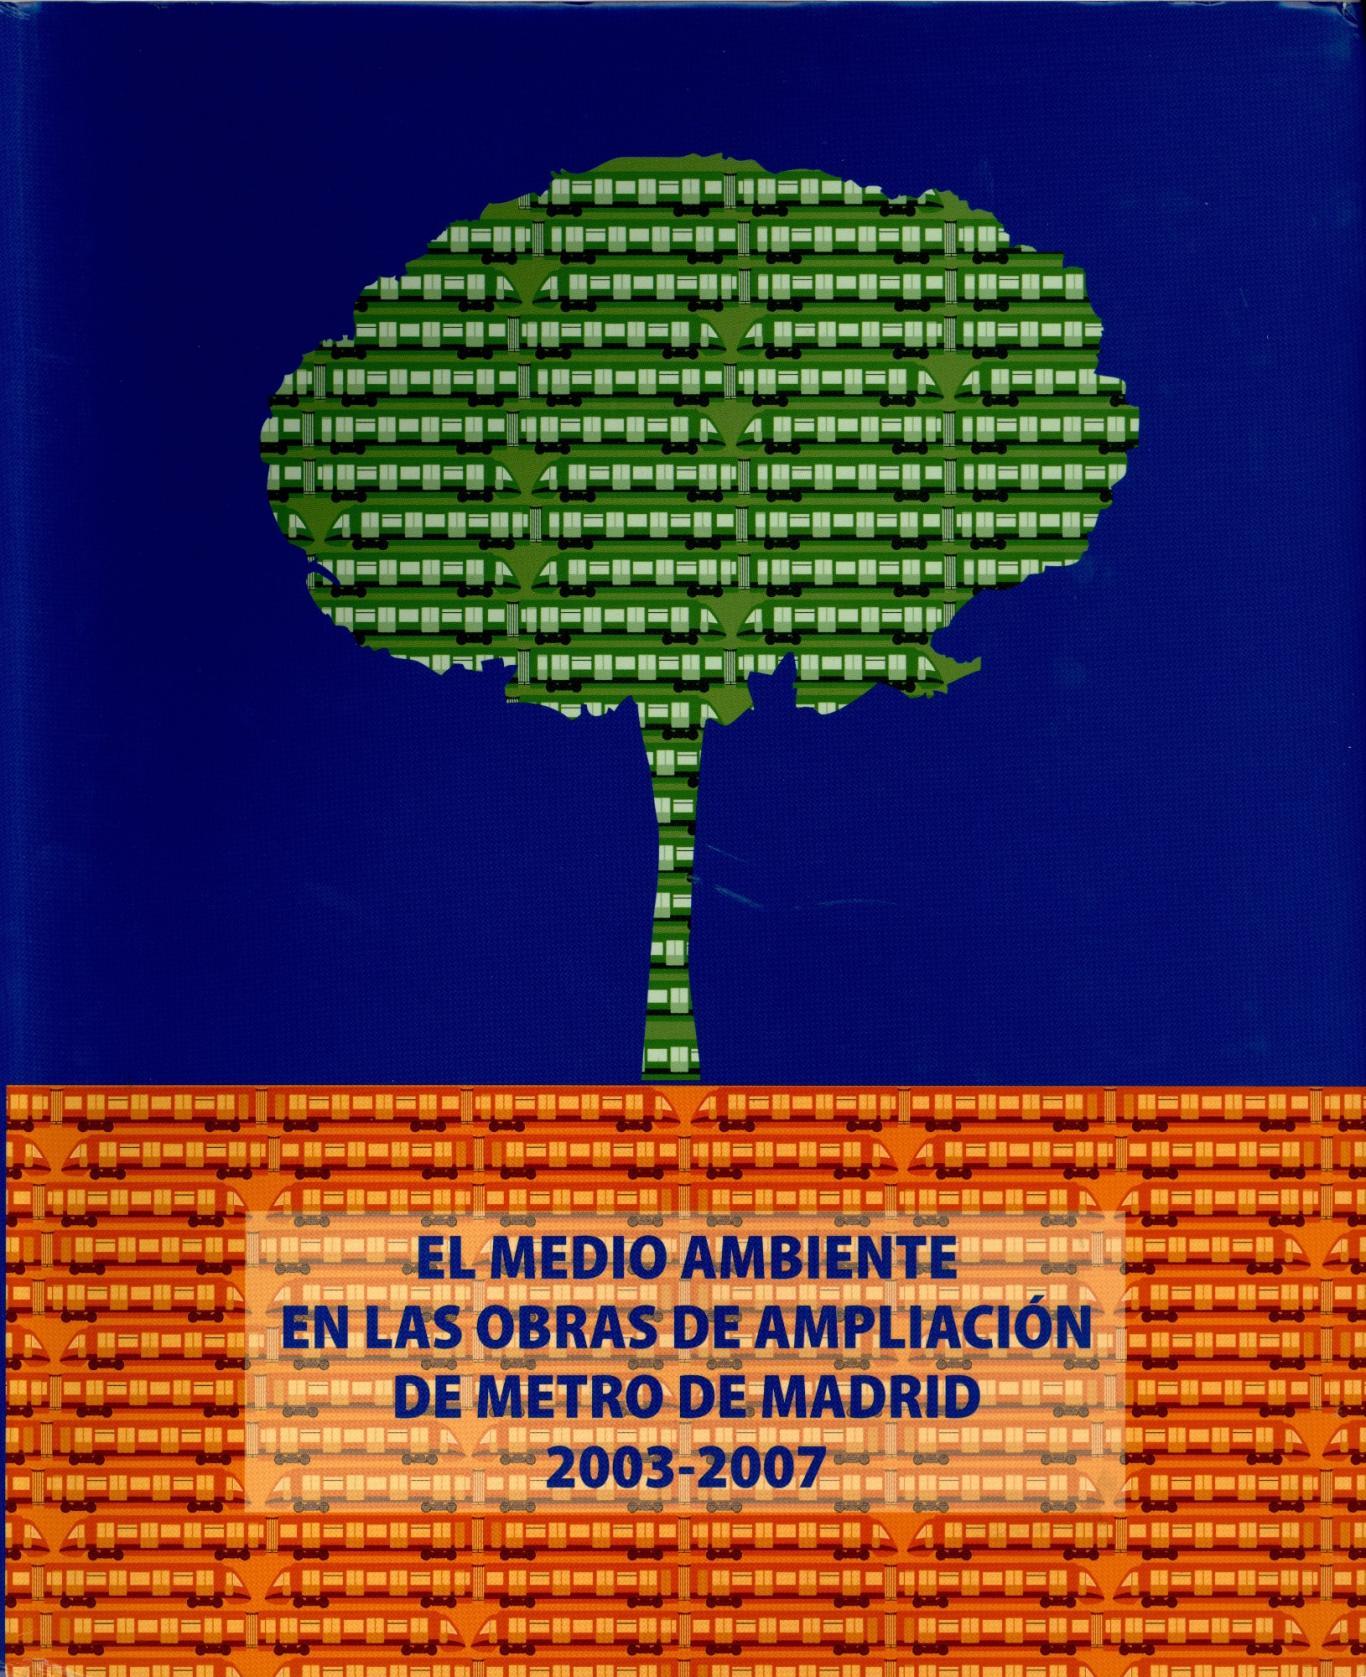 Portada del libro El medio ambiente en las obras de ampliación de metro